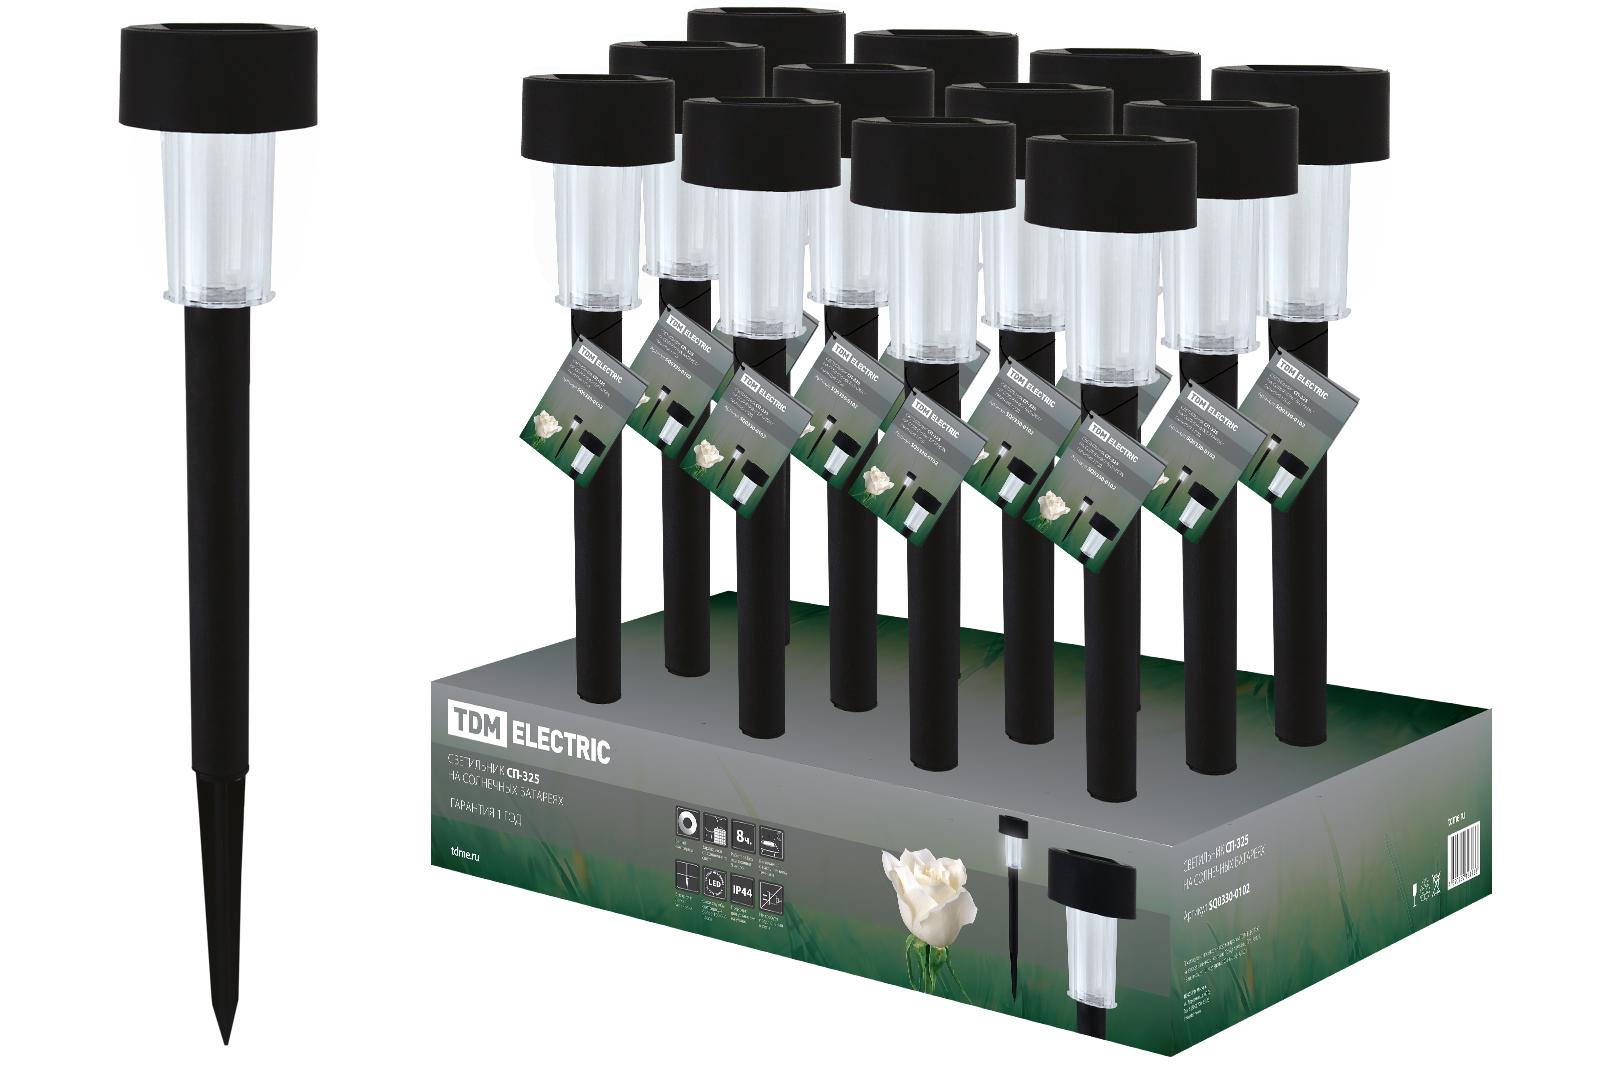 Светильник уличный ТДМСветильники на солнечных батареях<br>Мощность: 0.6,<br>Тип установки: грунтовый,<br>Форма светильника: столбики,фонари,шарики,<br>Материал светильника: пластик,<br>Количество ламп: 1,<br>Тип лампы: светодиодная,<br>Патрон: LED,<br>Степень защиты от пыли и влаги: IP 44,<br>Солнечная батарея: есть,<br>Диаметр: 60,<br>Высота: 360<br>